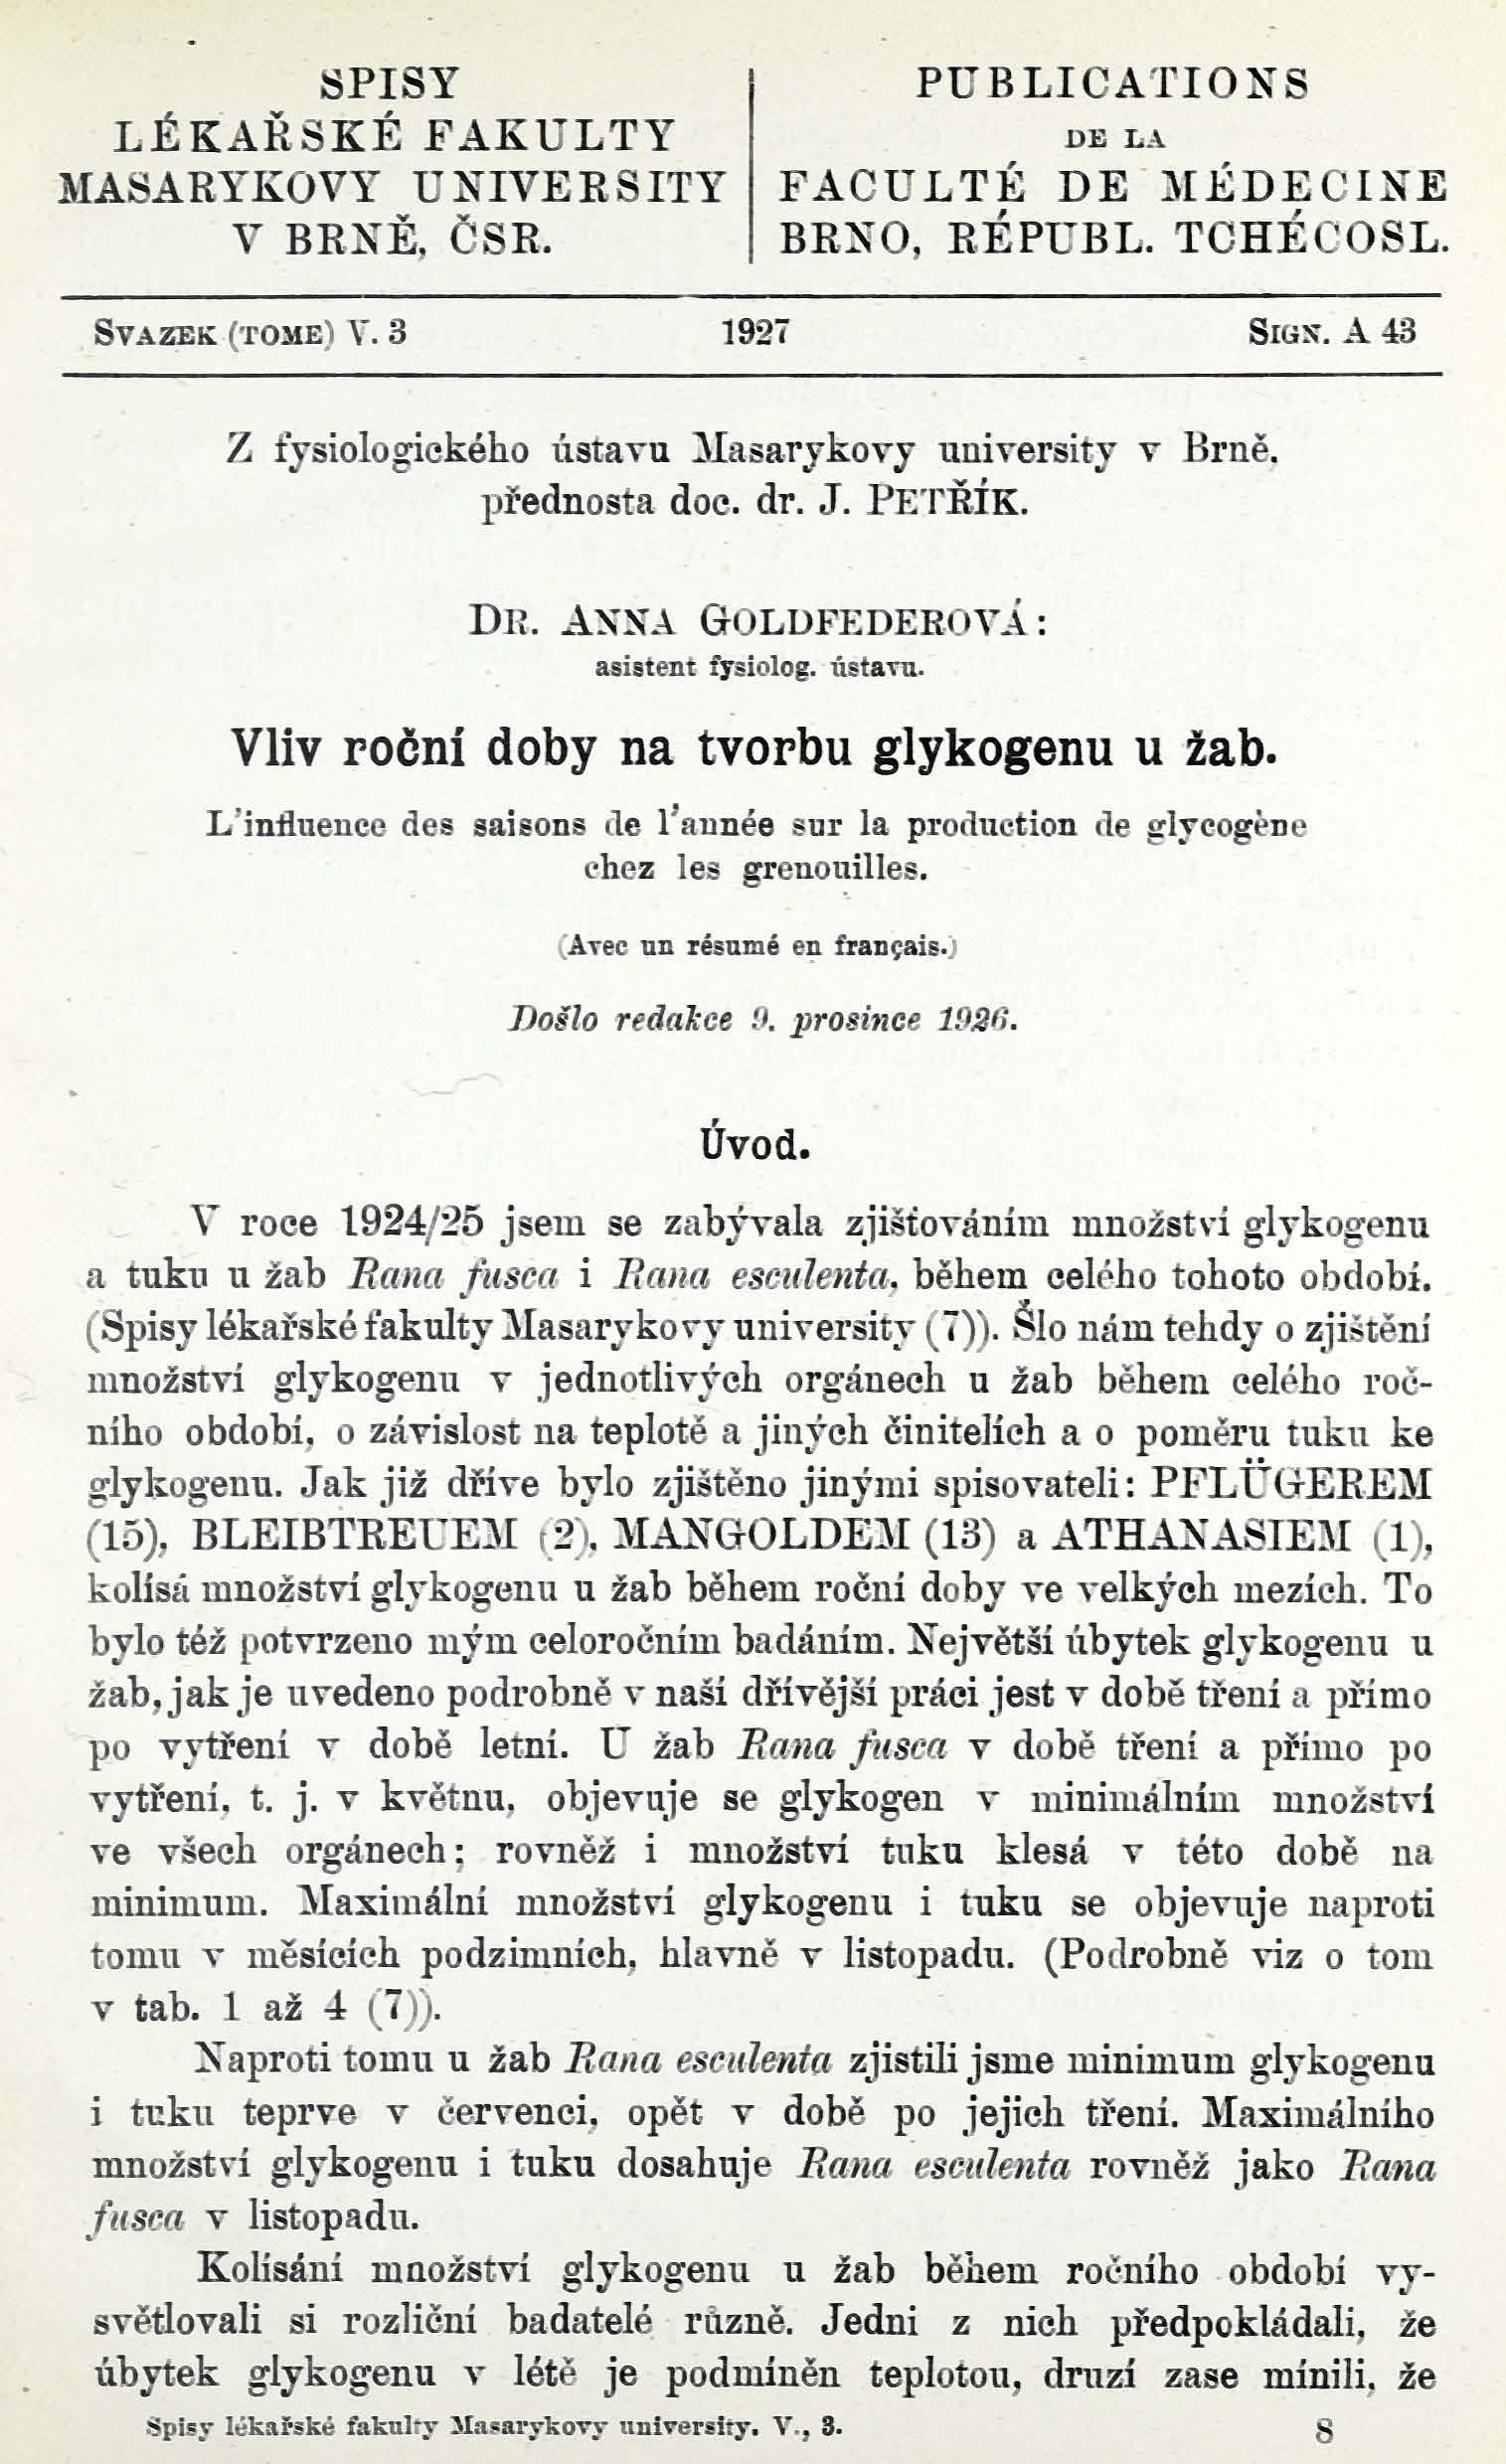 Obálka pro Vliv roční doby na tvorbu glykogenu u žab / L'influence des saisons de l'année sur la production de glycogène chez les grenouilles